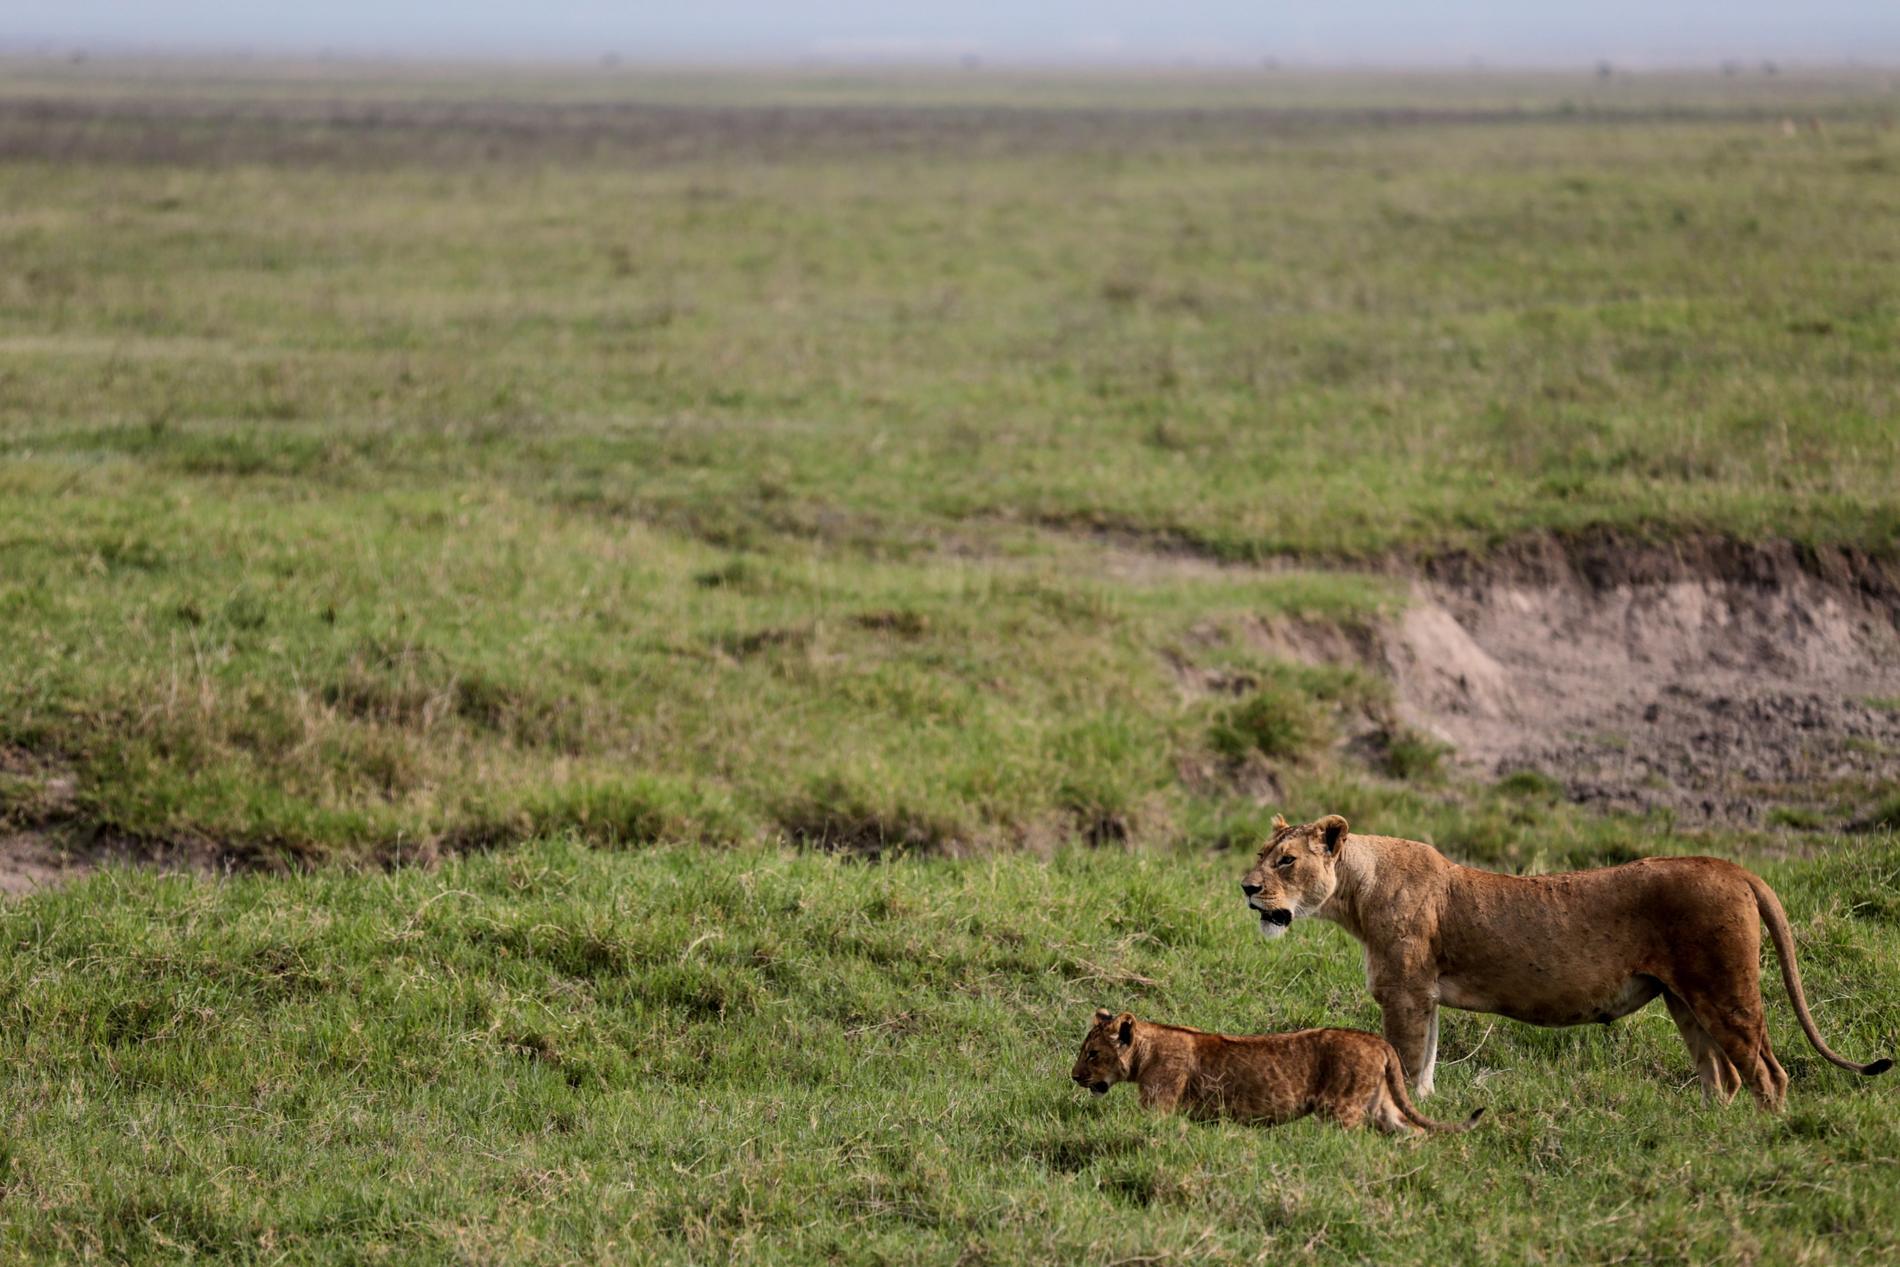 Lejon är en ständig fara för boskap och människor i Ngorongoro. Arkivbild.